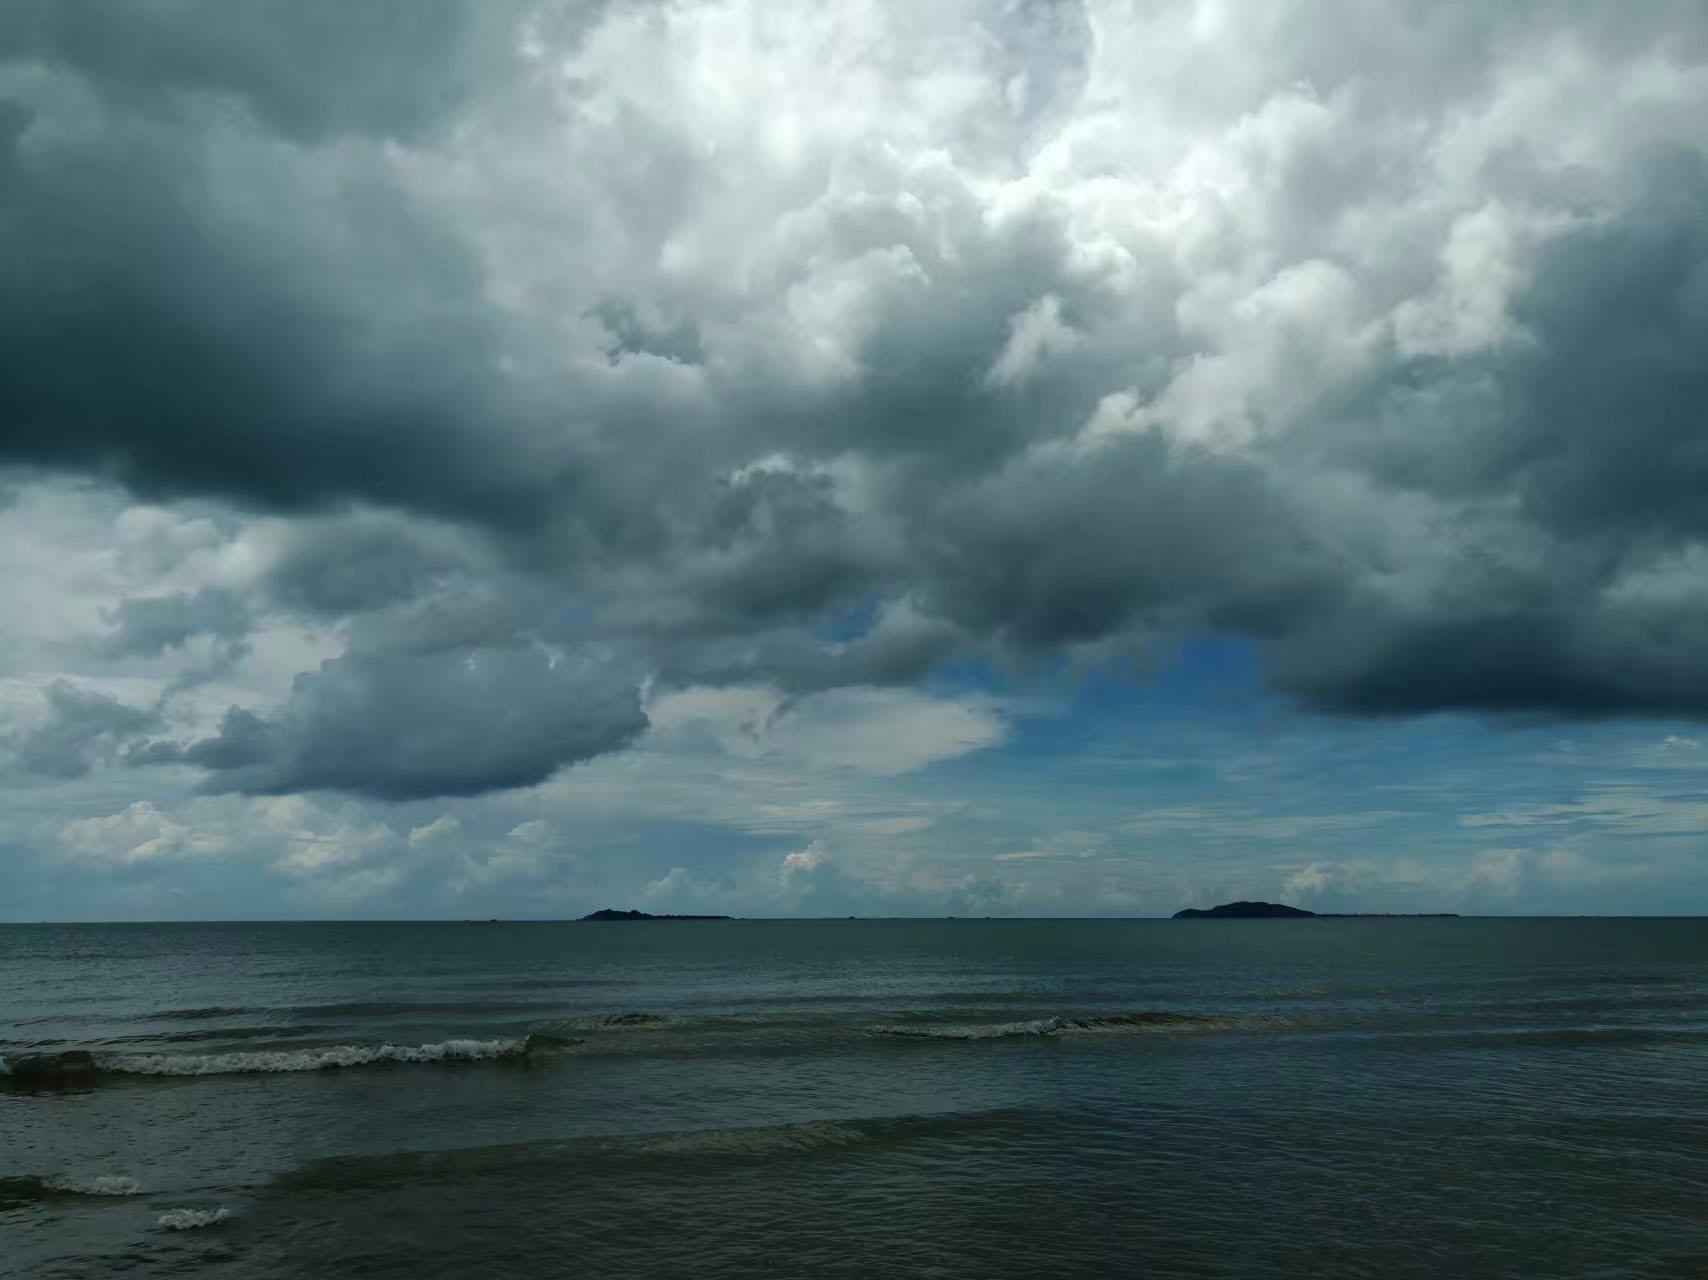 乌云,阴天还有大海